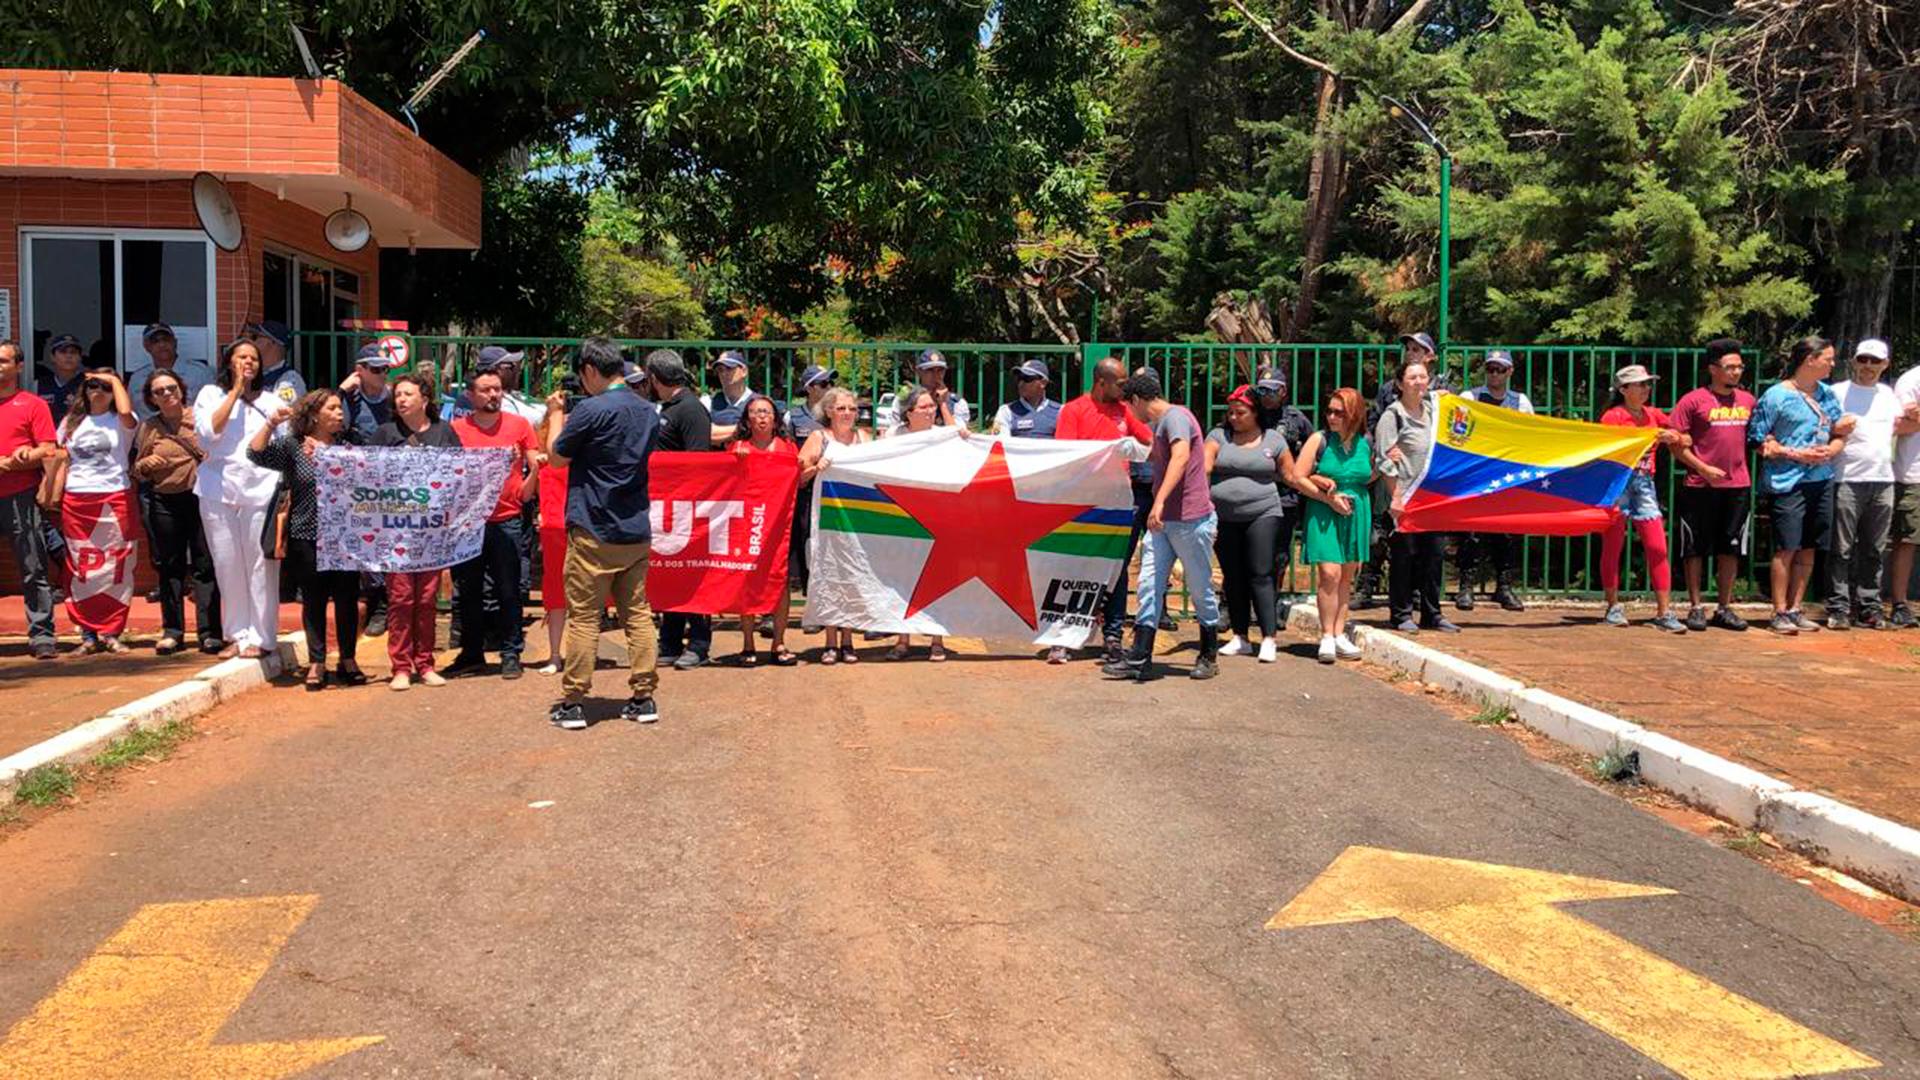 Los militantes del Partido de los Trabajadores de Brasil y seguidores de Nicolás Maduro bloquean la entrada a la embajada en Brasilia